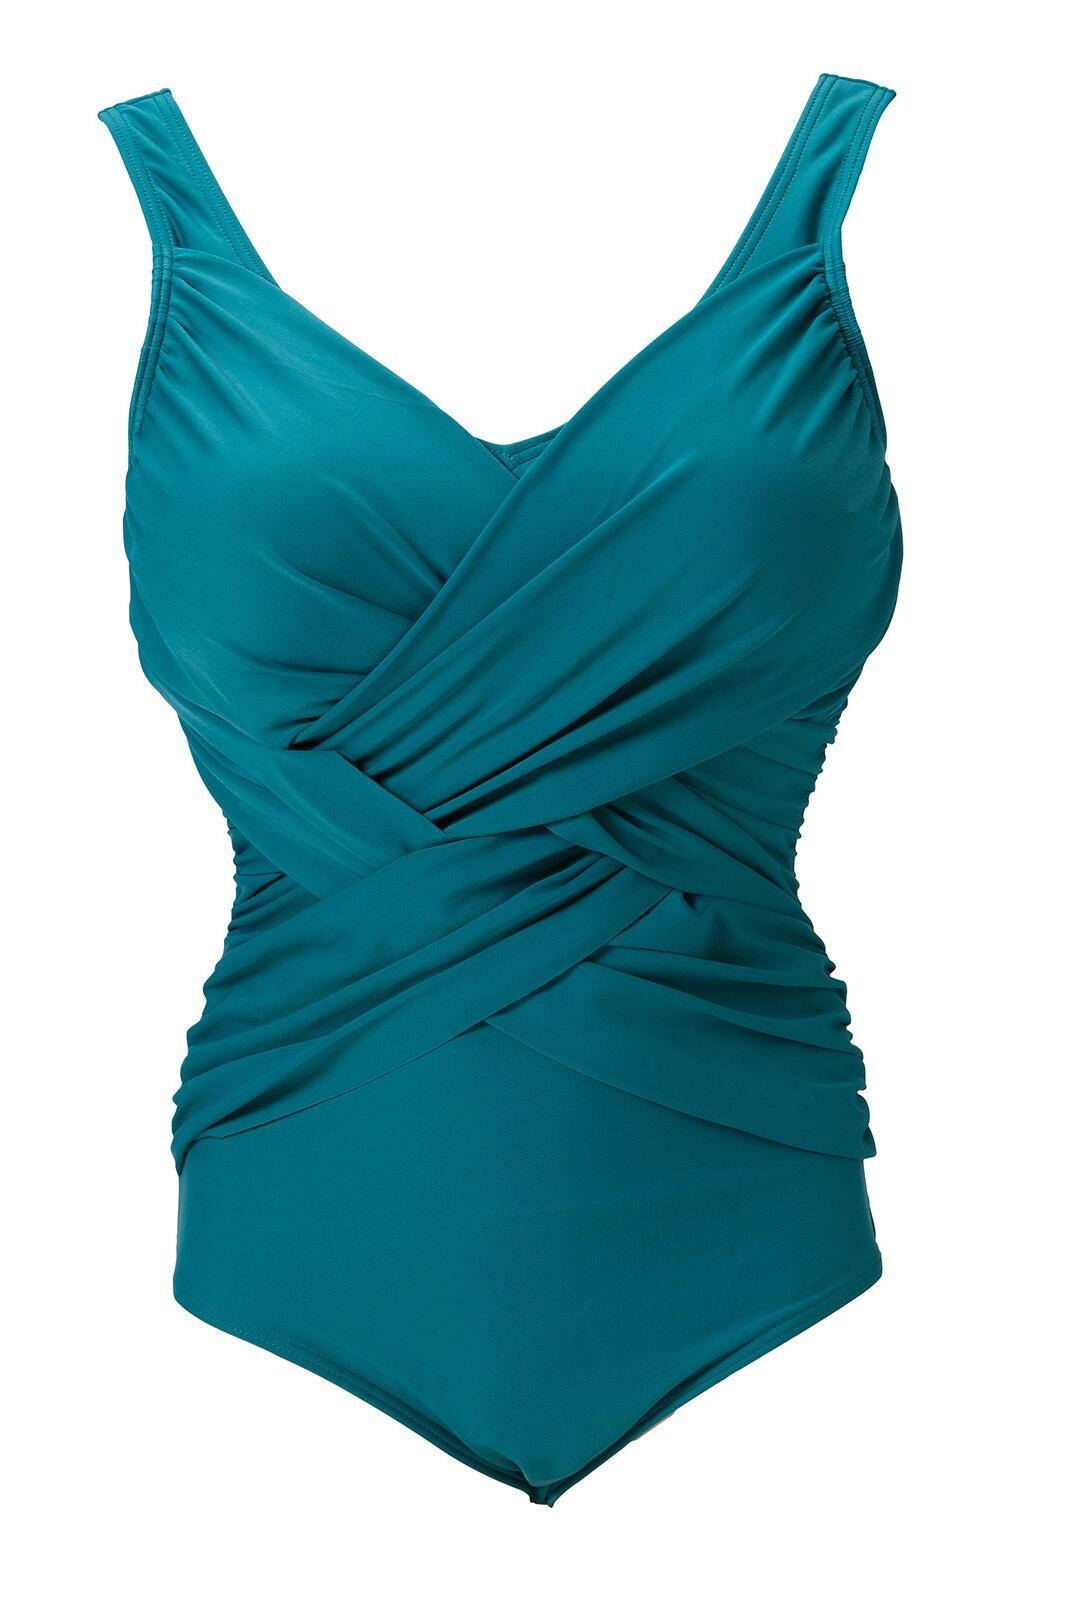 Draped V Neck Swimsuit - Jade Green